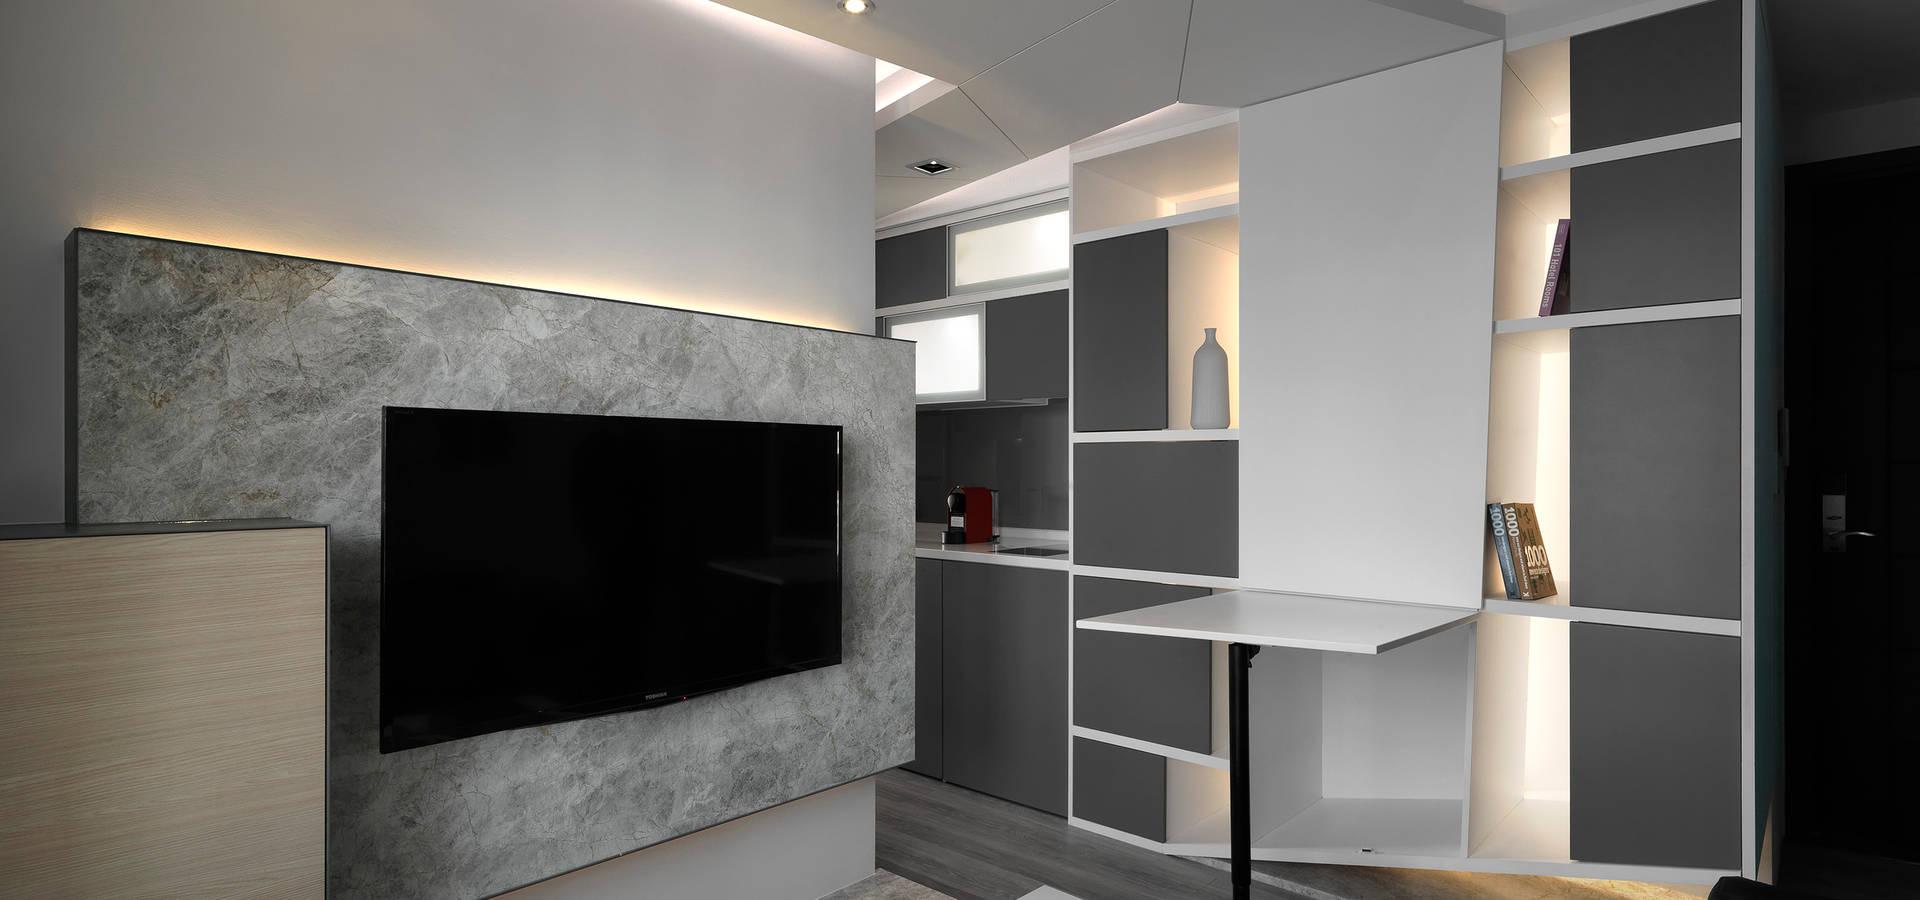 樸暘室內裝修有限公司